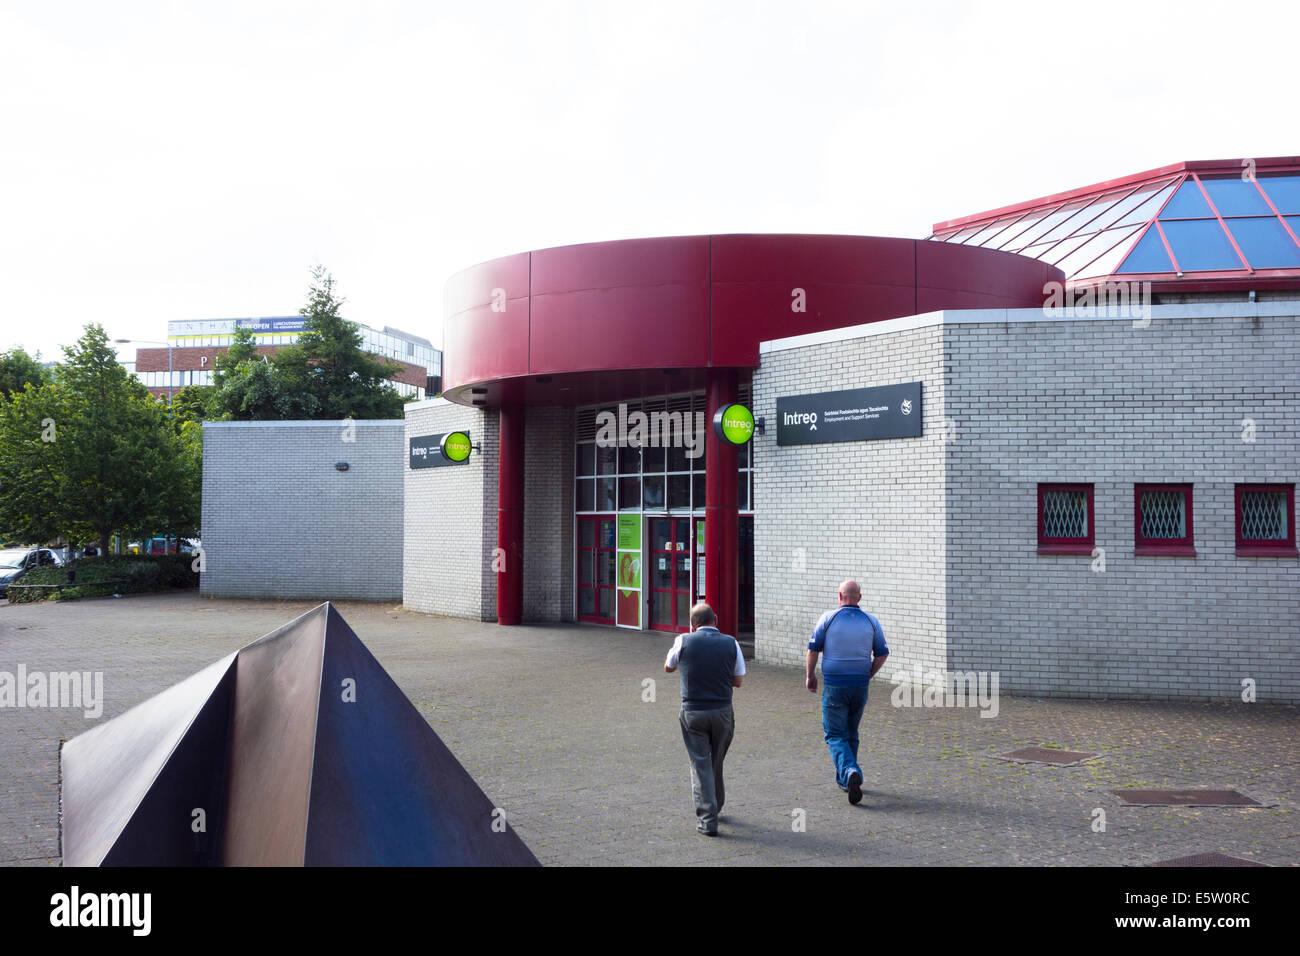 L'entrée de l'Intreo bureaux d'aide sociale à Tallaght, Dublin, Irlande Banque D'Images